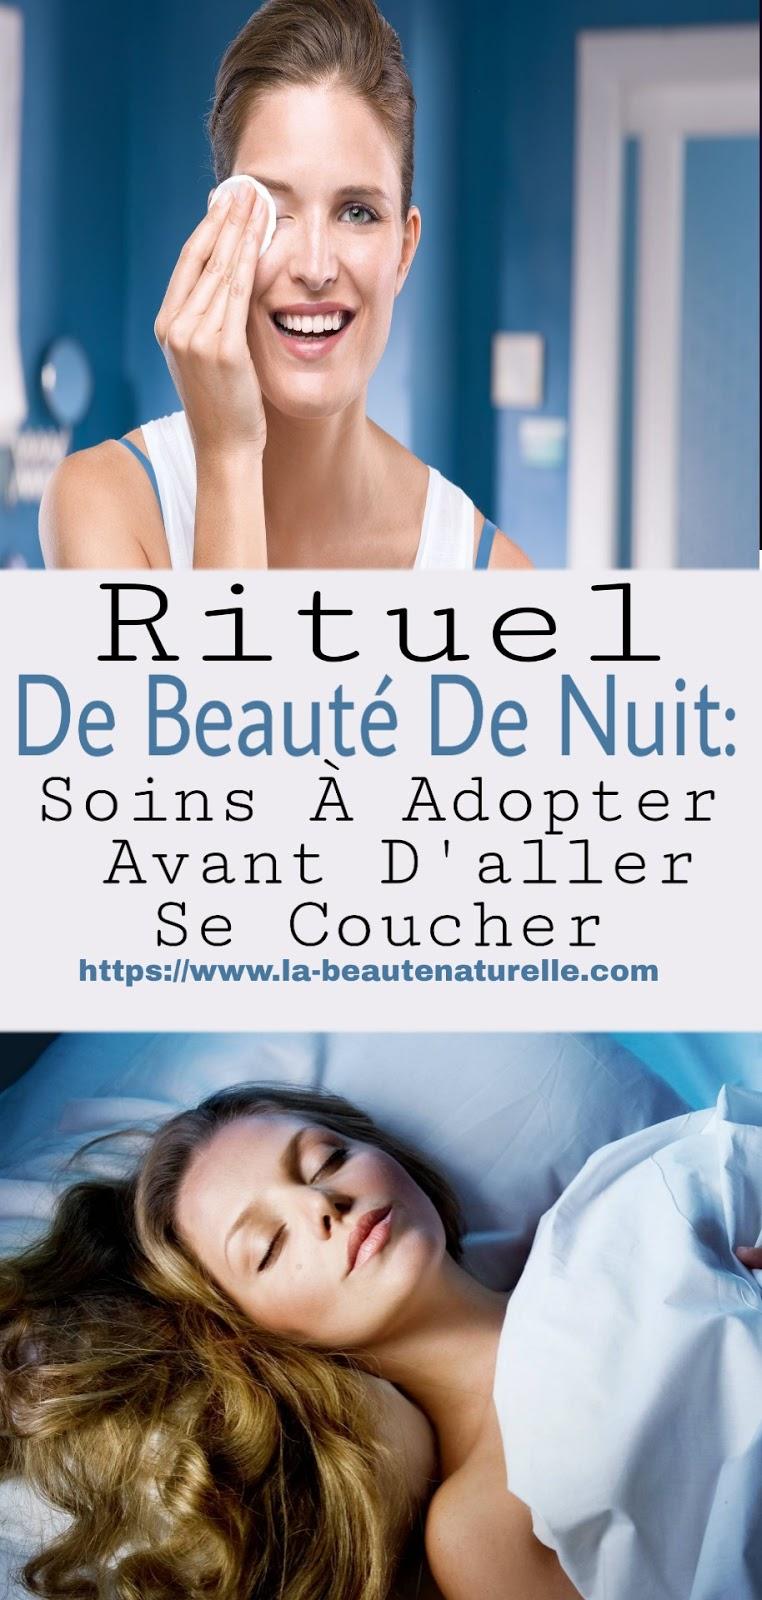 Rituel De Beauté De Nuit: Soins À Adopter Avant D'aller Se Coucher